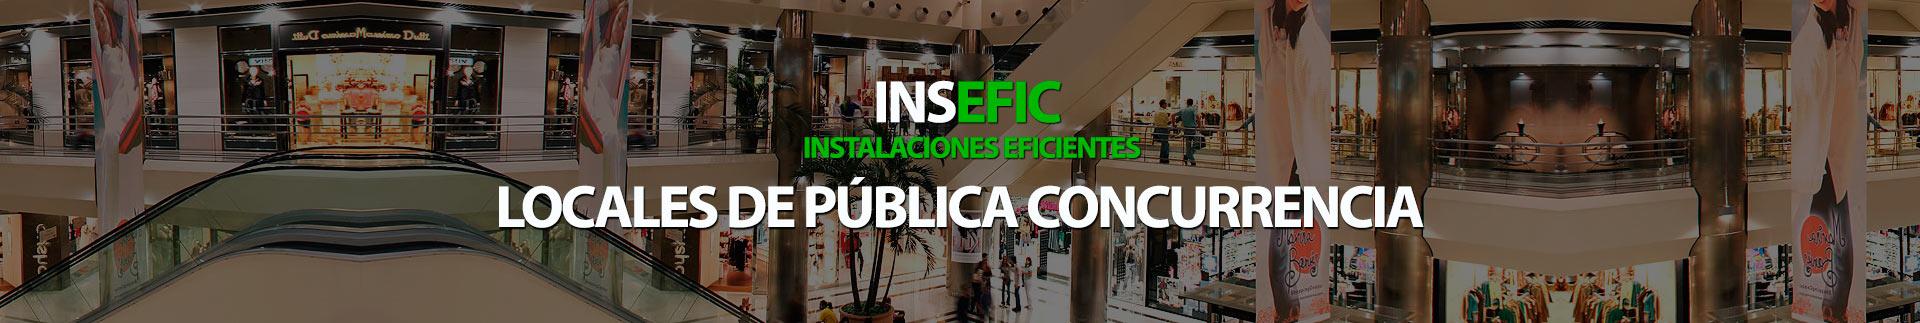 Locales de pública concurrencia en Valencia